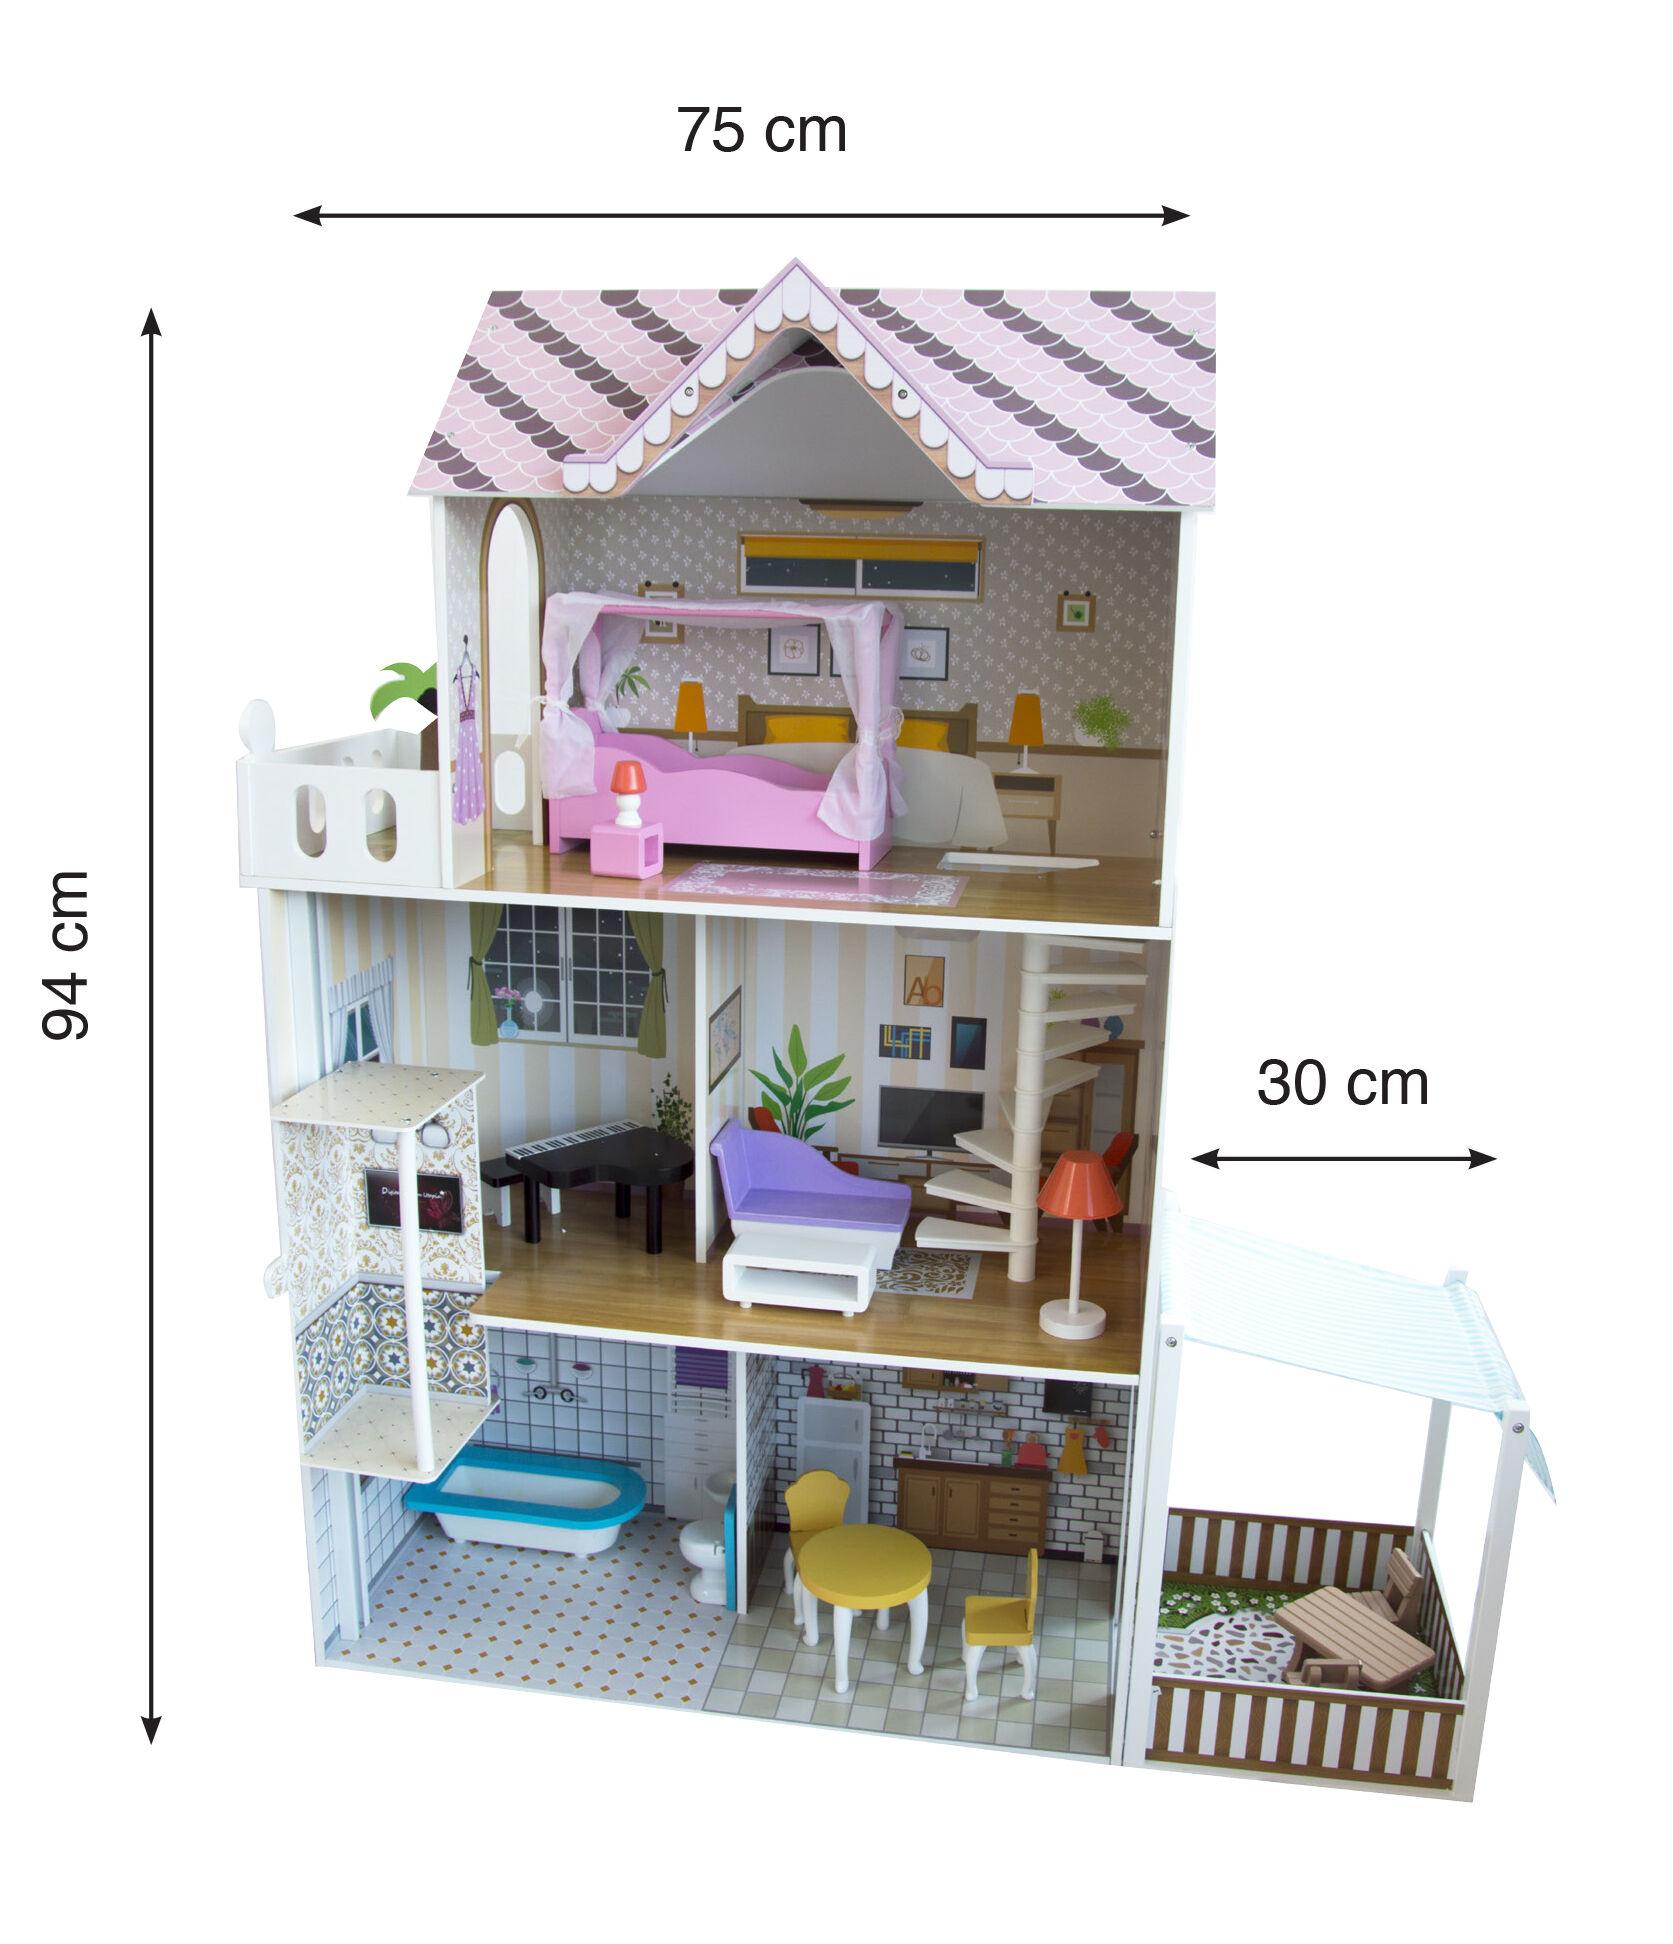 odg casa delle bambole/barbie in legno con veranda e 3 livelli di gioco